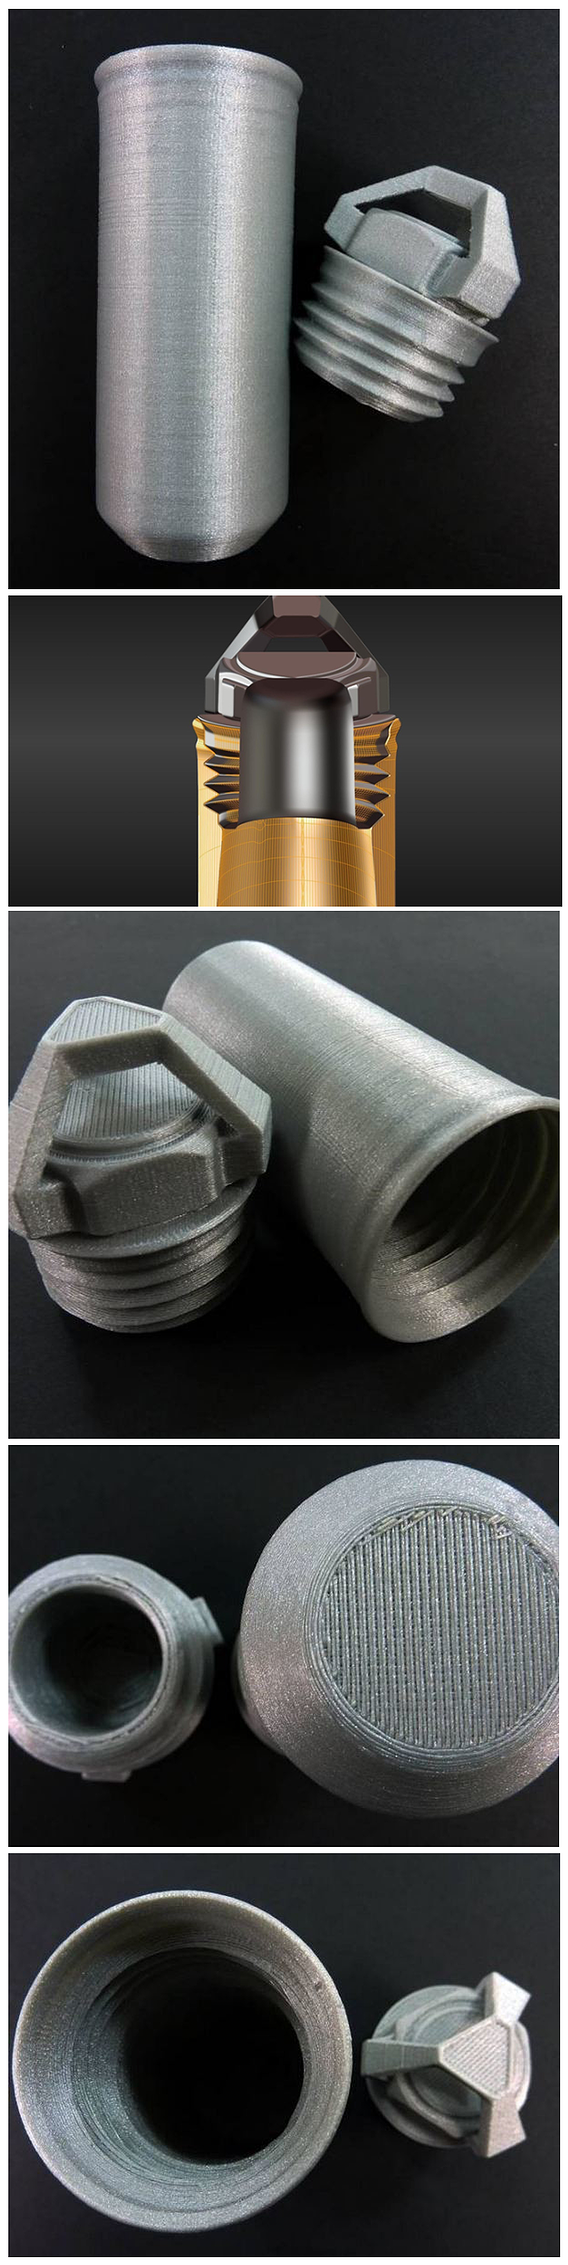 3D-Printable Geocaching Capsule Design